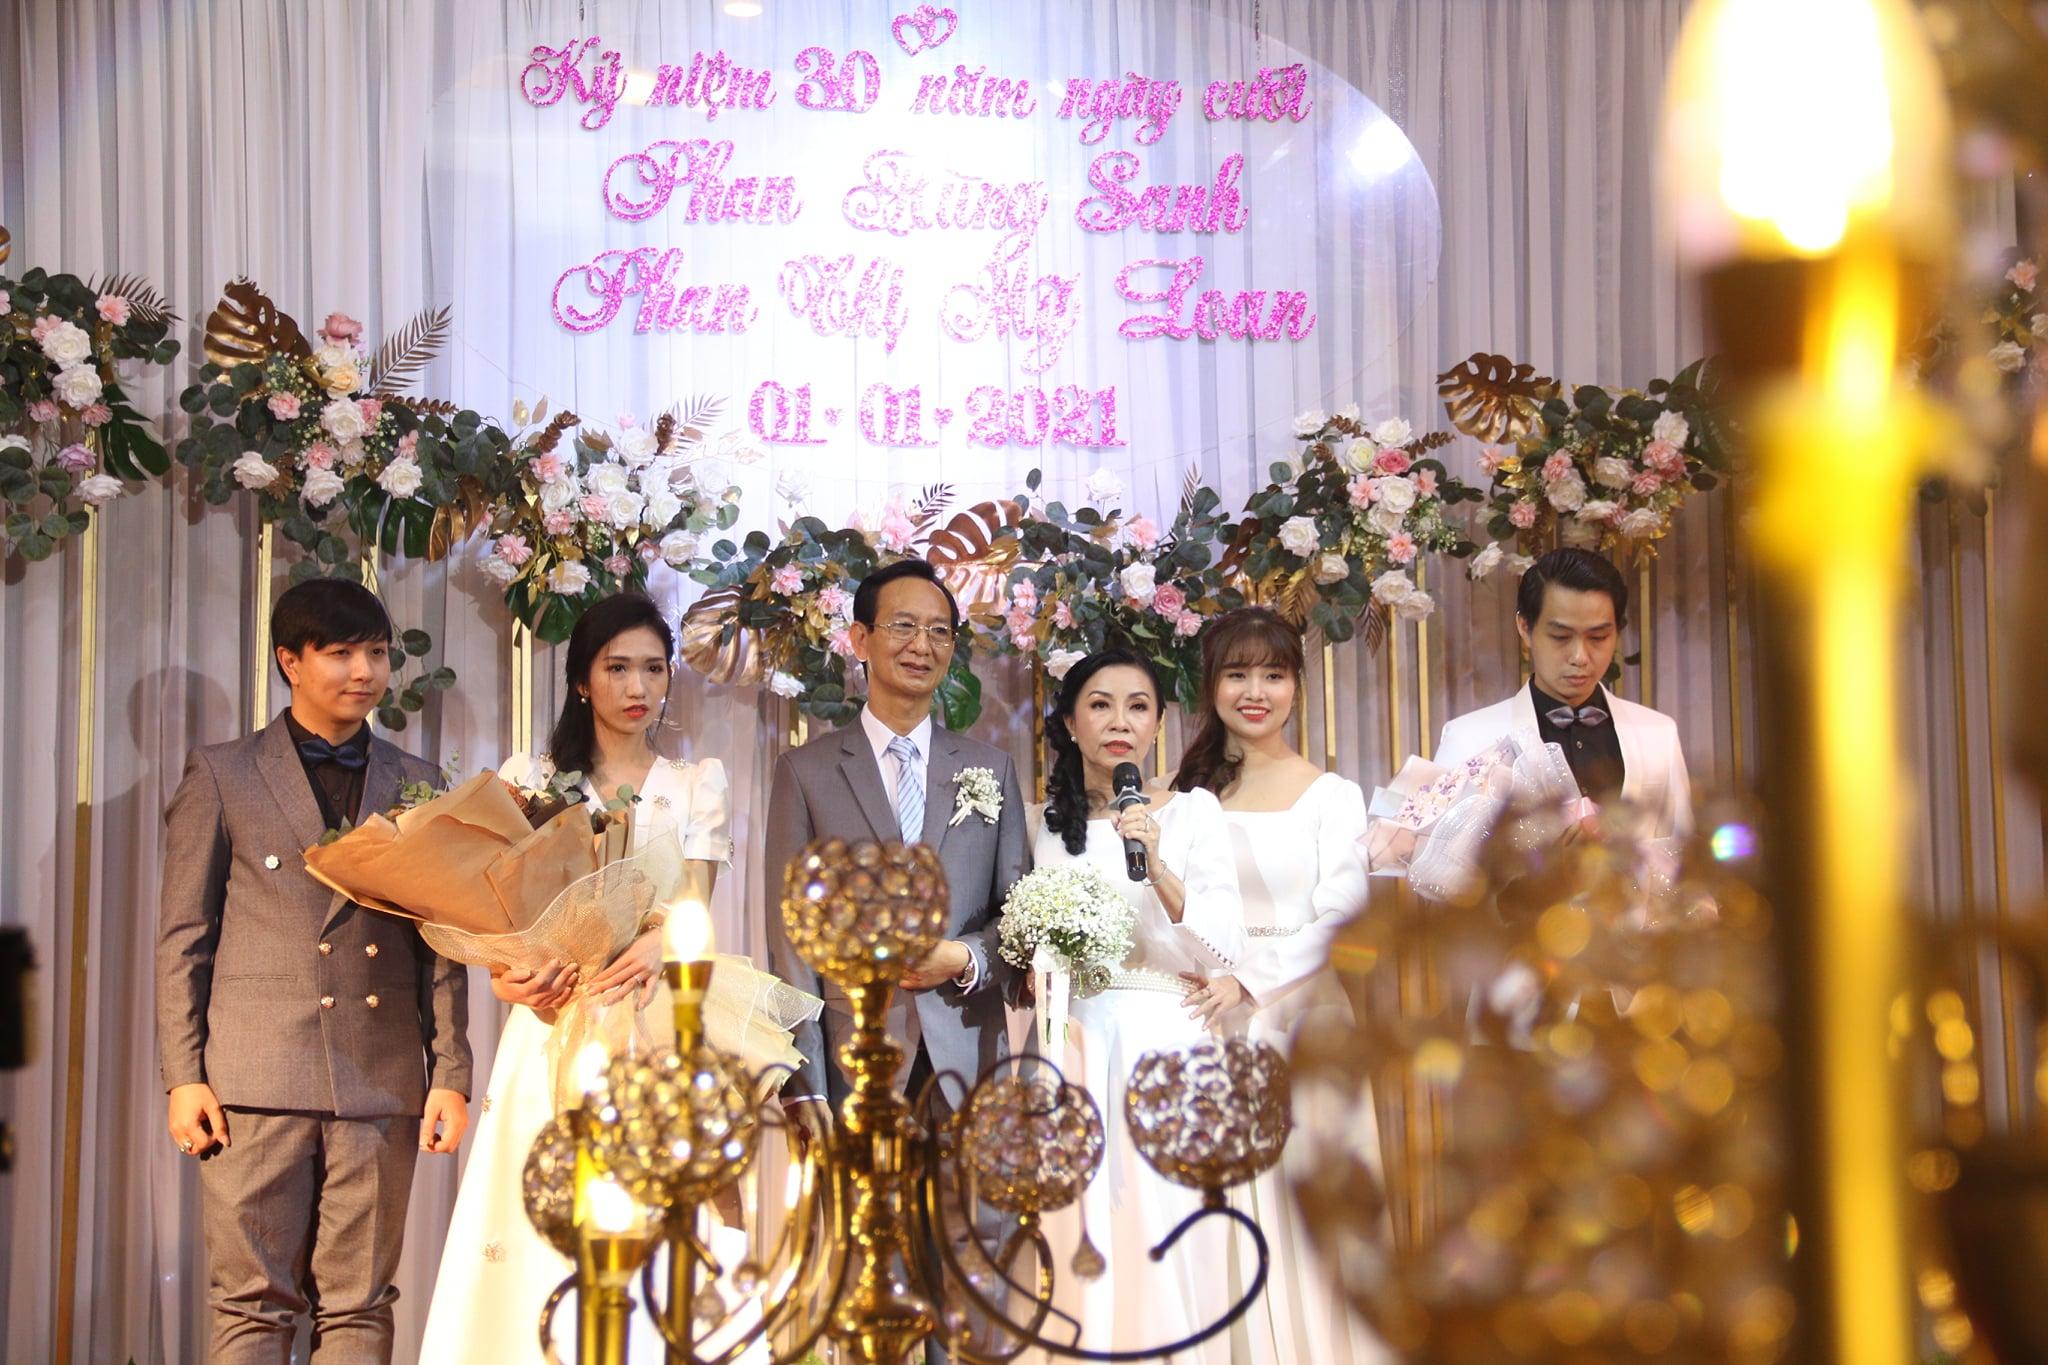 Chúc mừng 30 năm ngày cưới của anh chị Hùng Sanh - Mỹ Loan